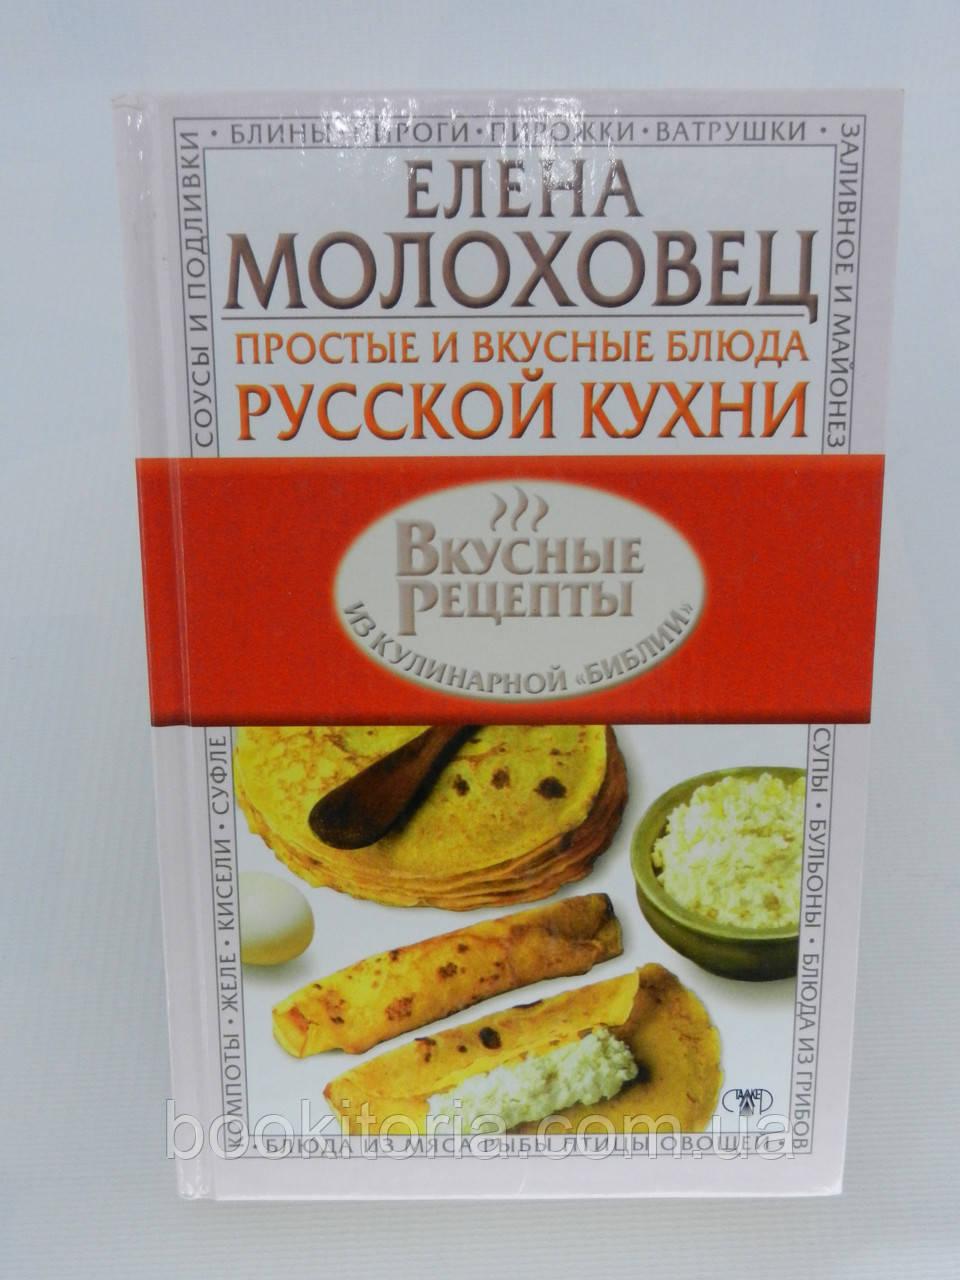 Простые и вкусные блюда русской кухни (б/у).